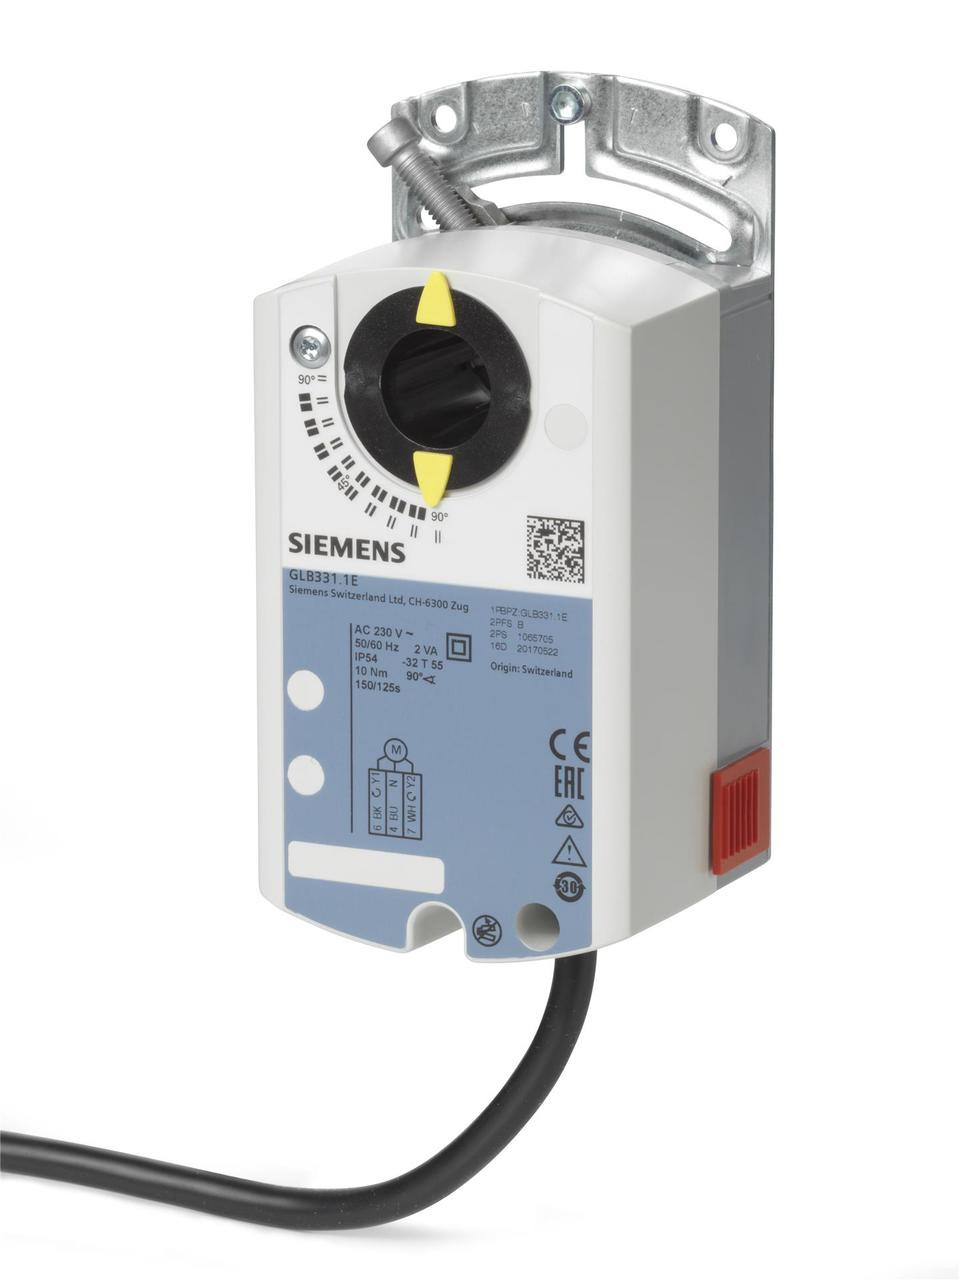 Siemens GLB331.1E Rotary air damper actuator